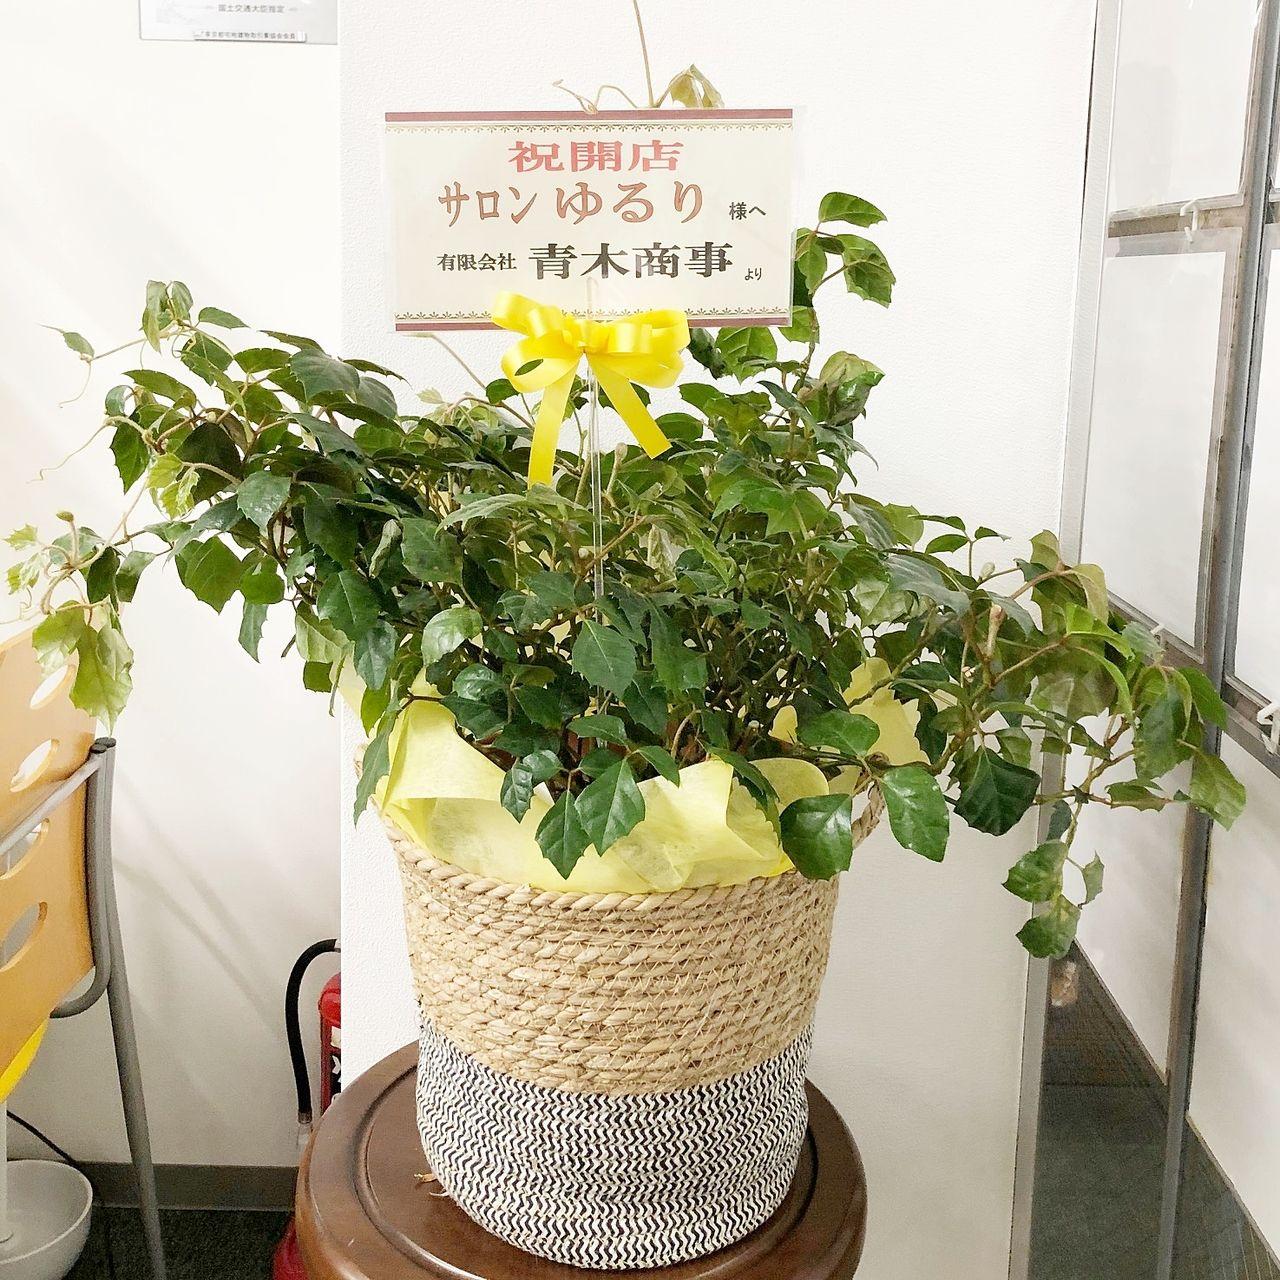 池袋の中條ビルに整体・温熱療法『サロンゆるり』さんがオープンされました。開店お祝いにお花を持参しました